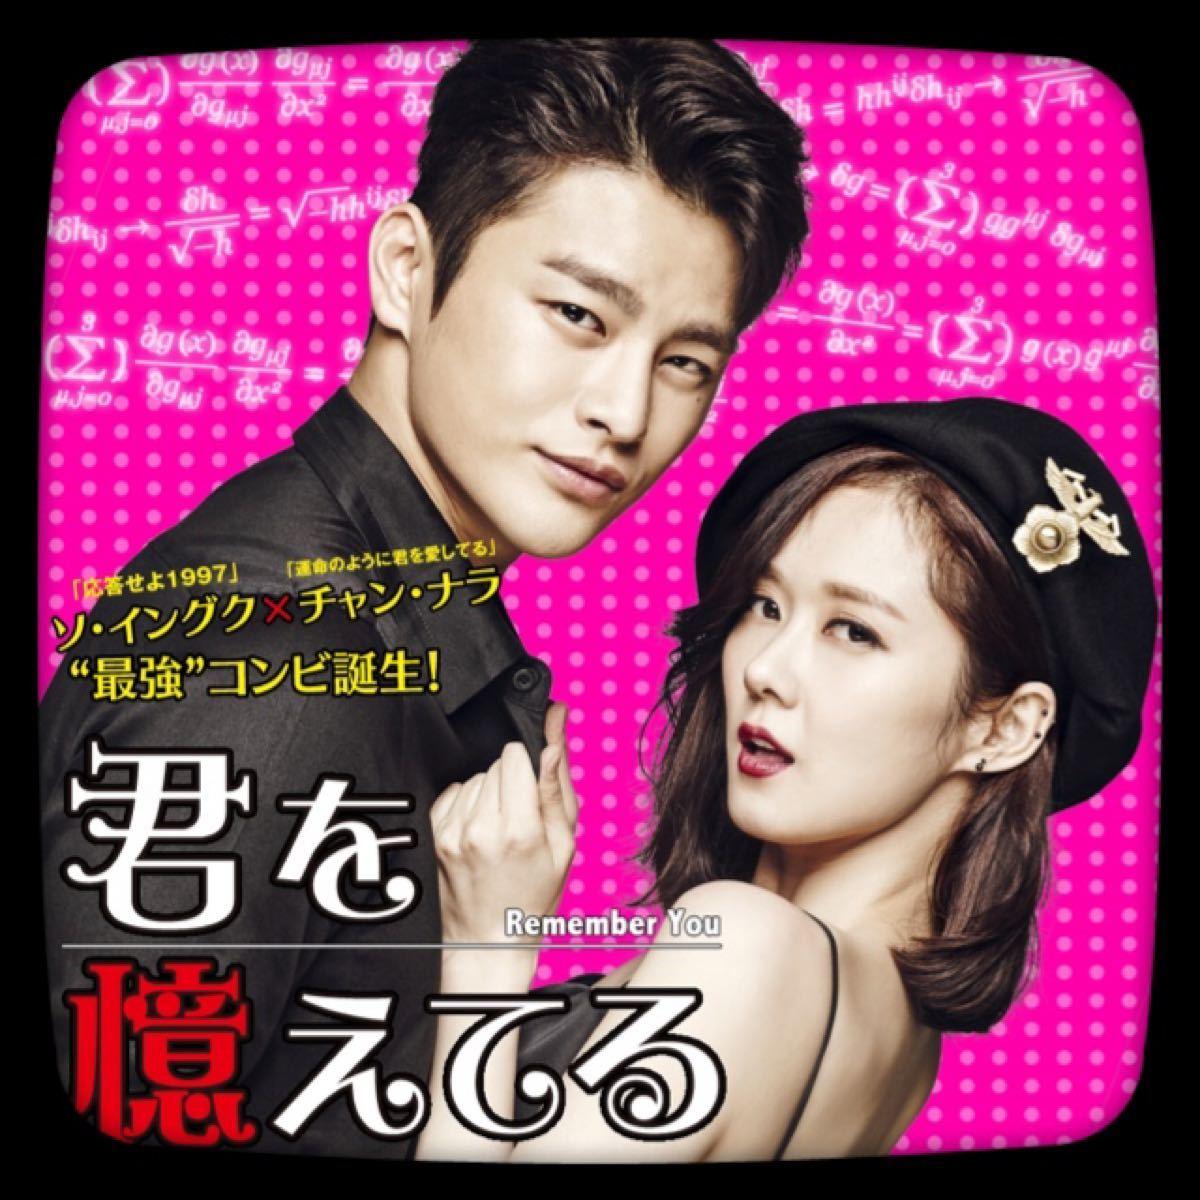 【君を憶えてる】Blu-ray 韓国ドラマ 韓流